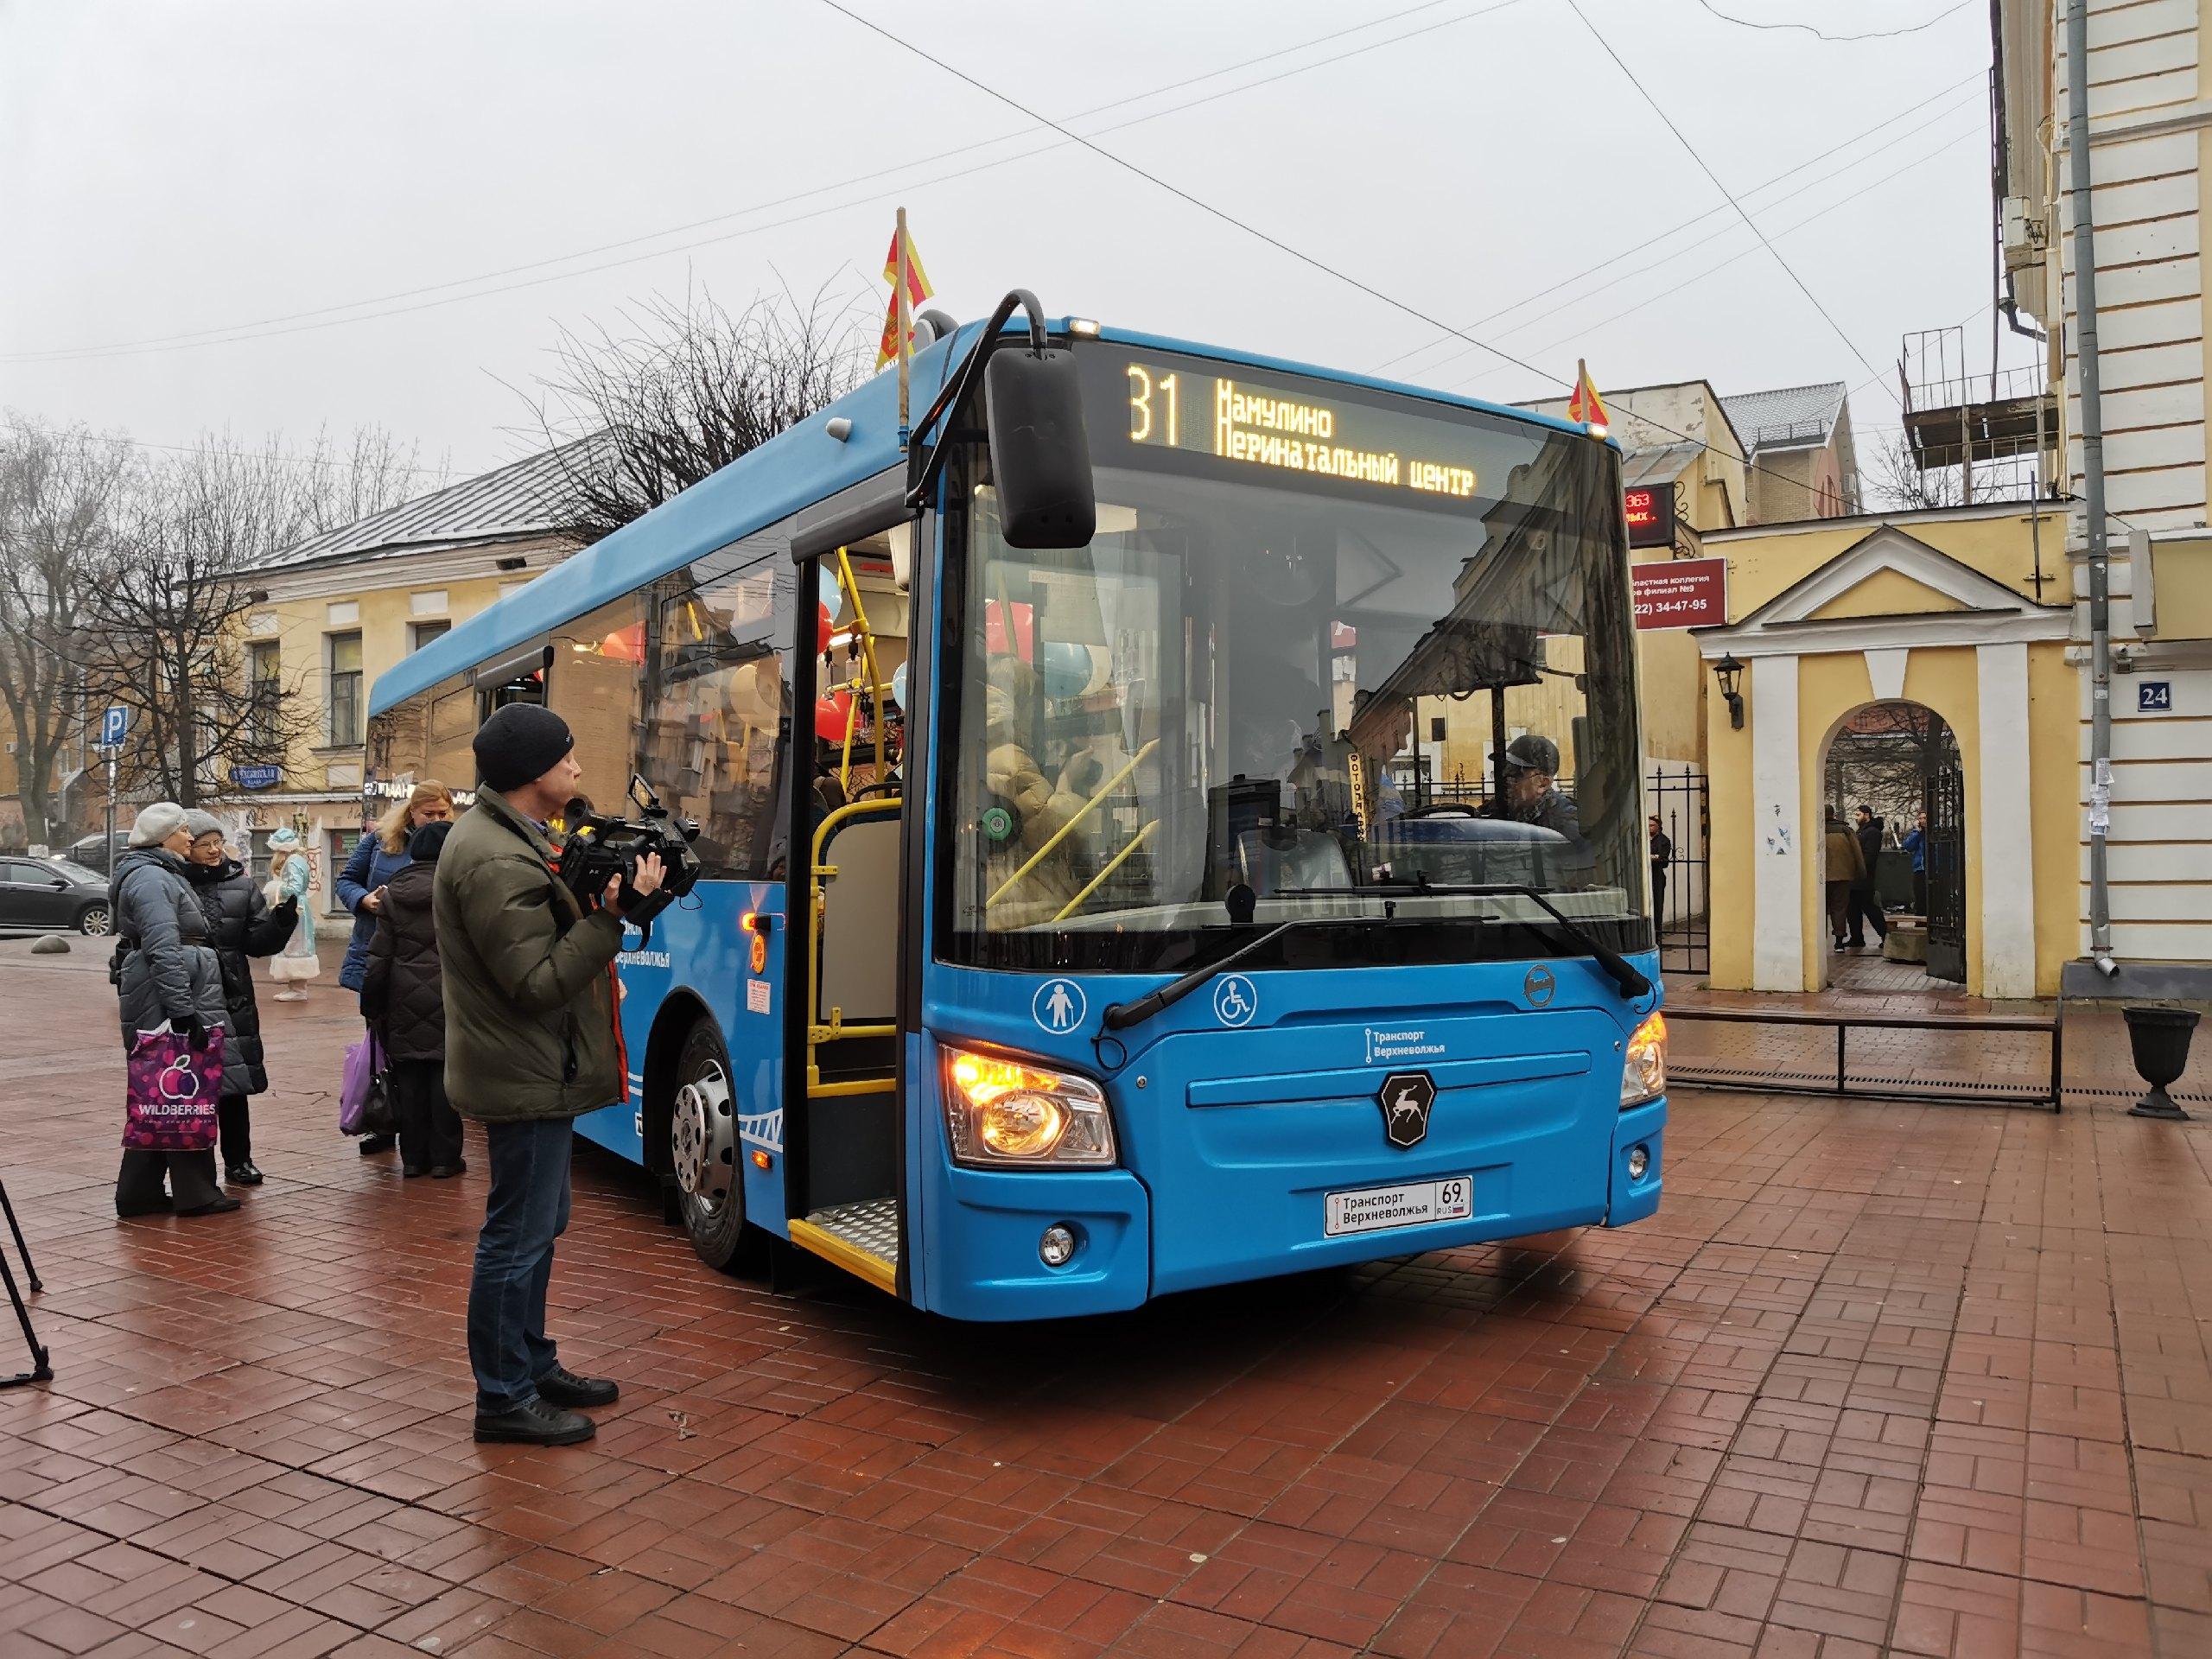 Где купить проездной новой транспортной системы для школьников в Твери